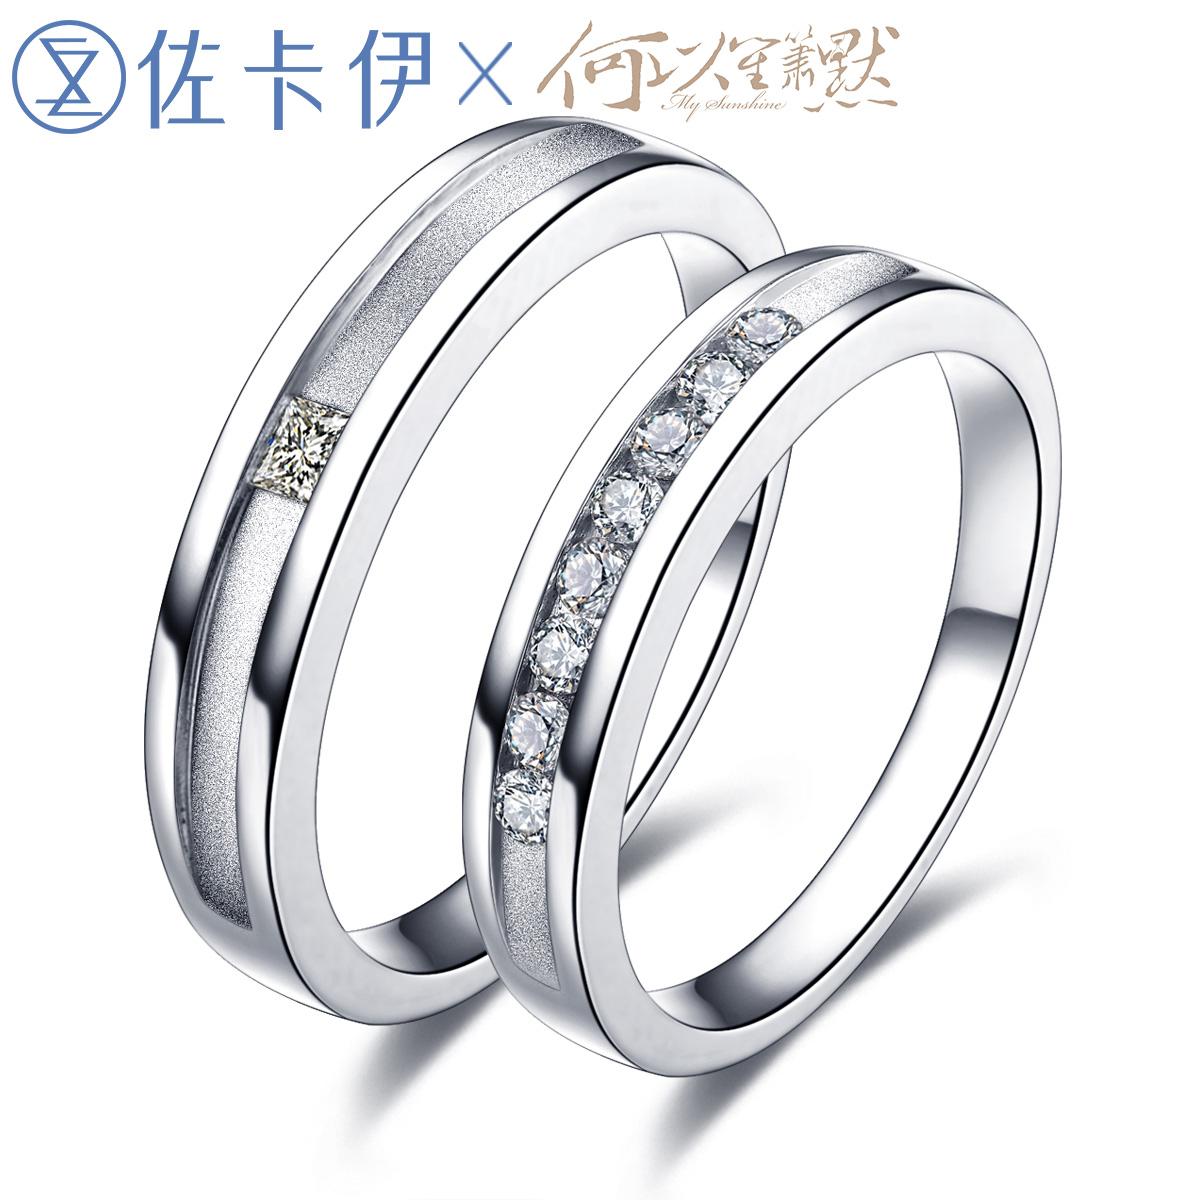 佐卡伊情侣对戒 白18K金钻石婚戒结婚钻戒男女对戒白金戒指正品